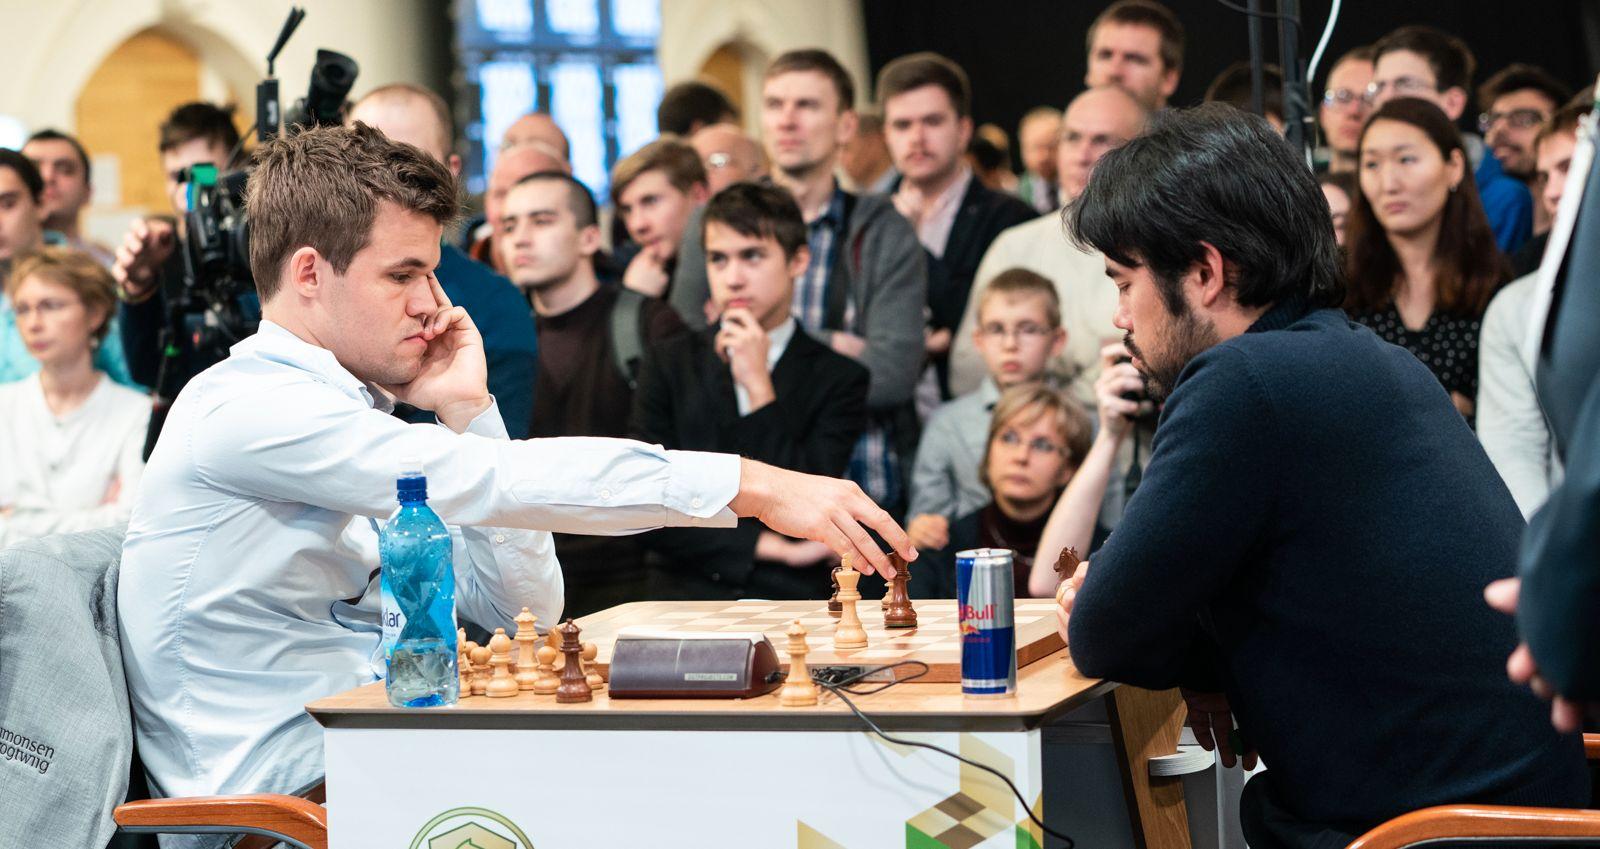 STAPPFULLT: Ikke overraskende er det stor interesse for romjulens VM i hurtig- og lynsjakk i St. Petersburg. Her spiller Magnus Carlsen og Hikaru Nakamura det 15. og siste hurtigsjakkpartiet fredag.